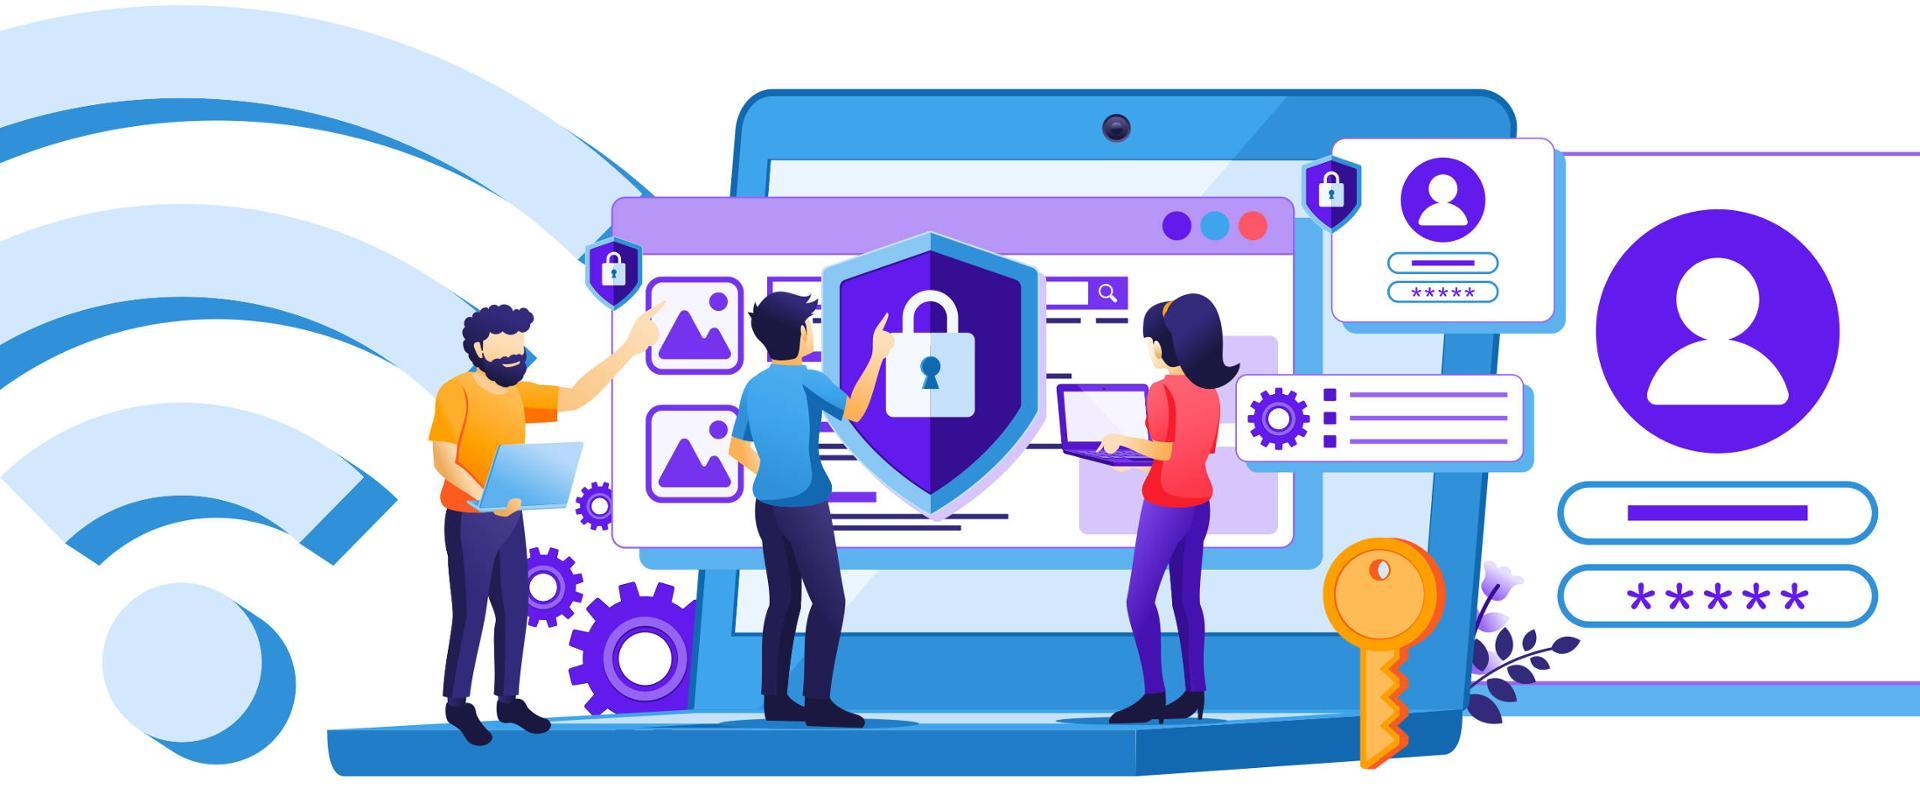 Grafika wektorowa - dwóch mężczyzn i kobieta. Jeden z nich i kobieta trzymają w rękach laptopy. Drugi mężczyzna - na środku dotyka dłonią ekranu, na którym widoczny jest symbol kłódki (bezpieczeństwa). Wokół nich inne symbole związane z bezpieczeństwem w sieci - klucz, hasła i loginy, symbole wi-fi.